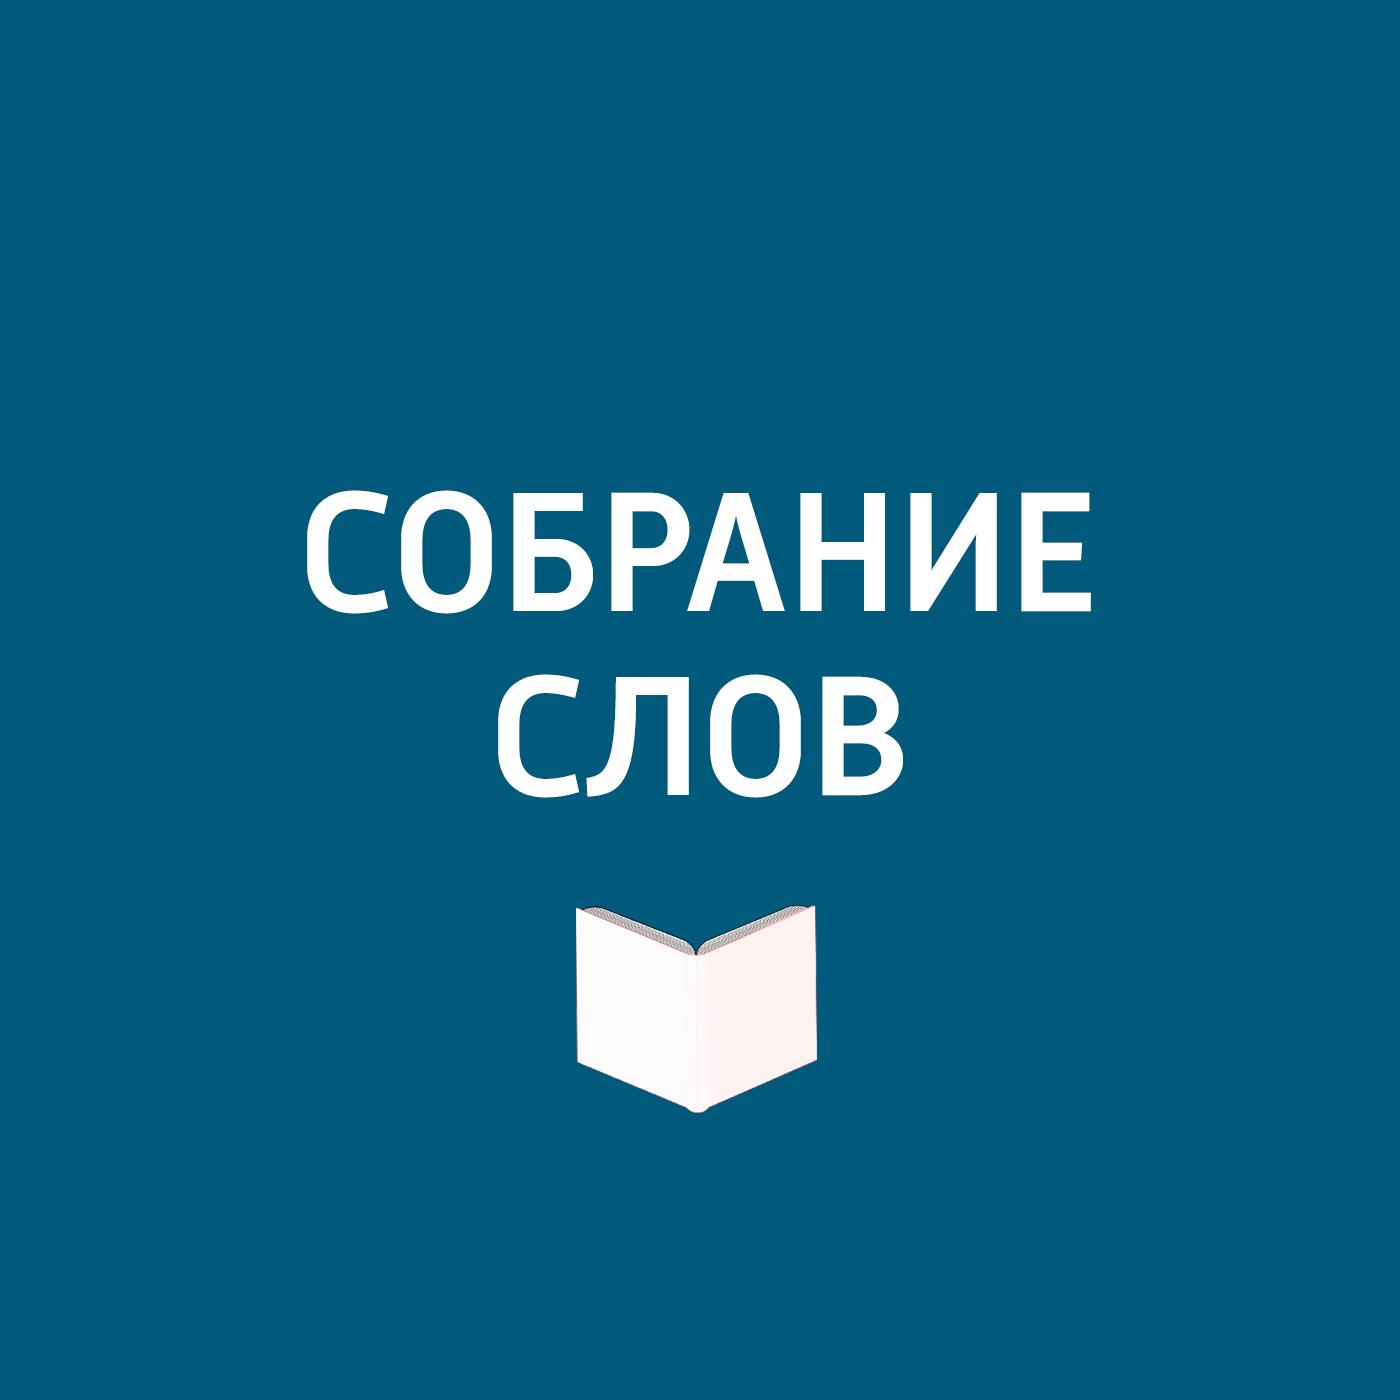 Творческий коллектив программы «Собрание слов» Большое интервью Александра Миндадзе все цены